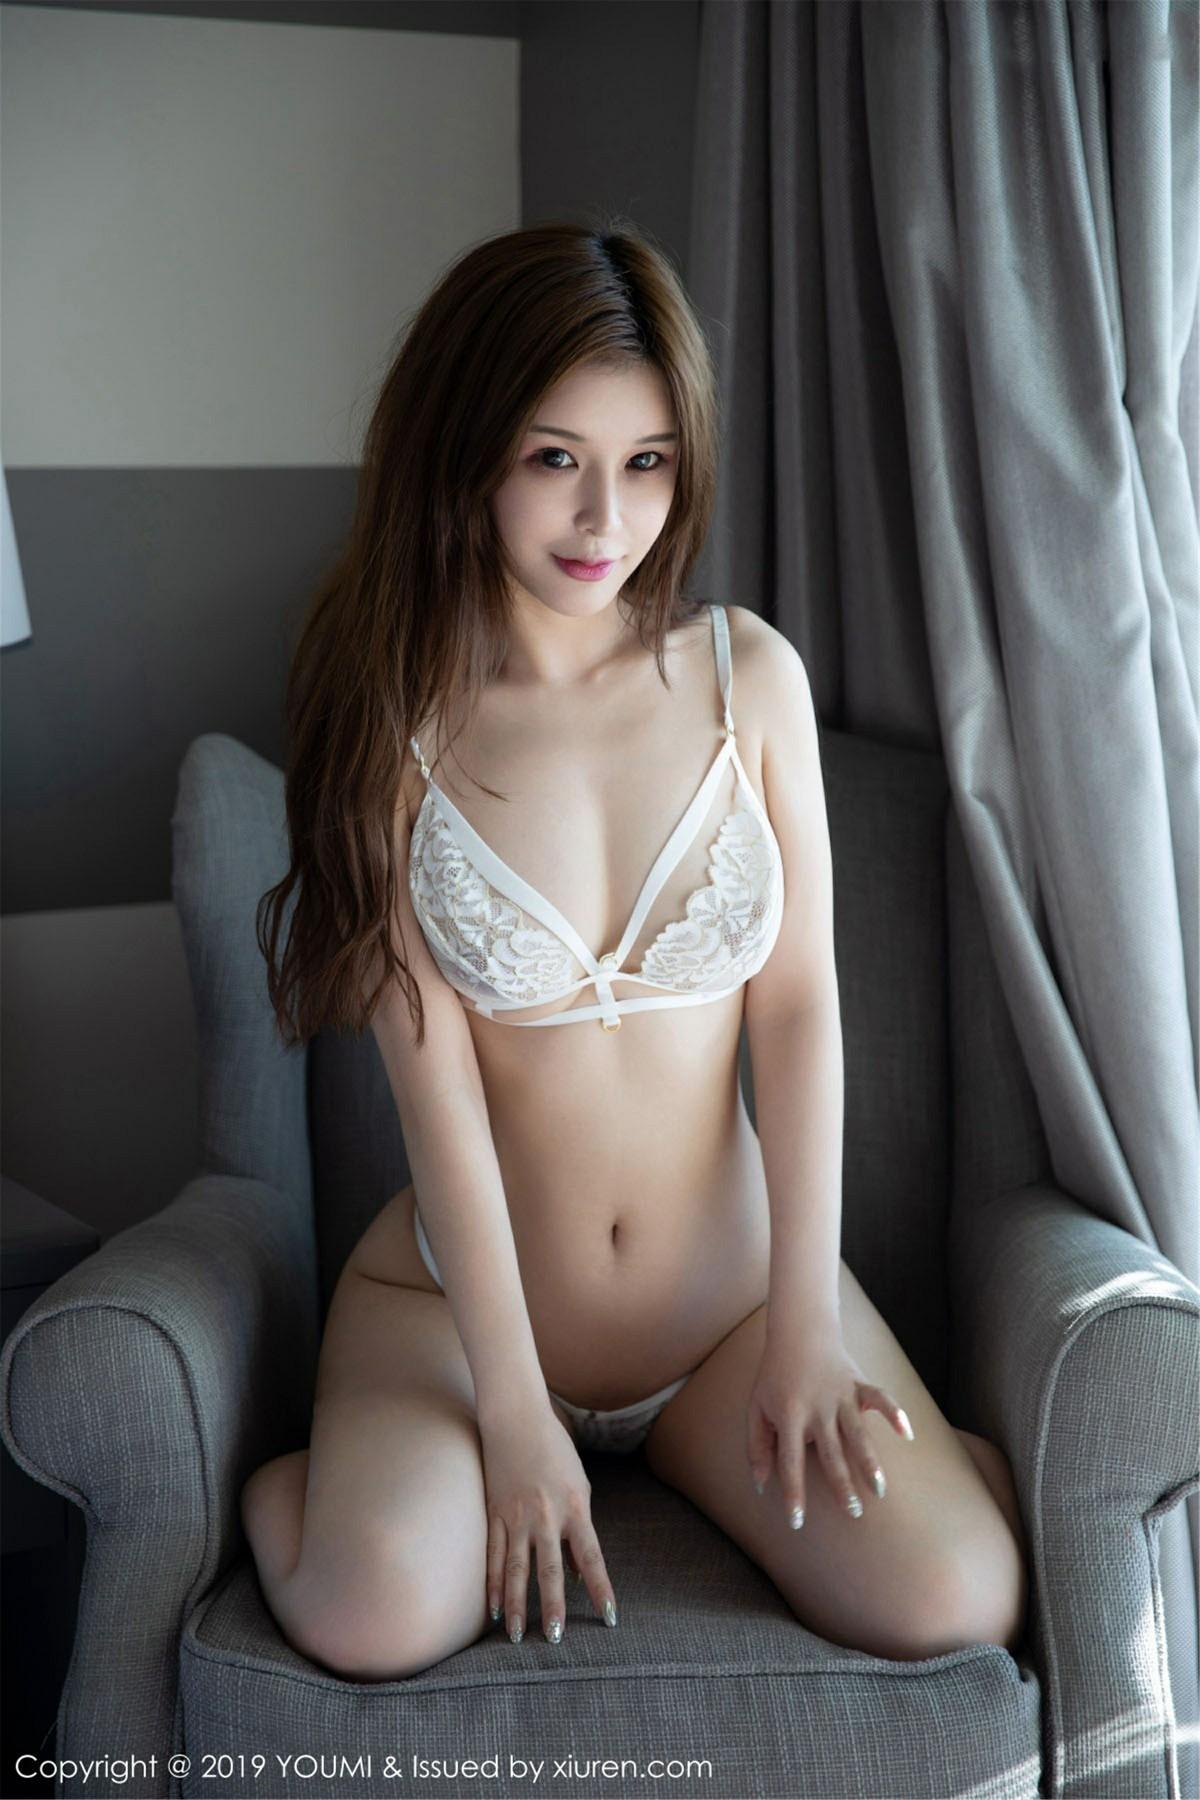 [YOUMI尤蜜荟]2019.06.24 VOL.322 张雨萌[42P] 尤蜜荟 第1张